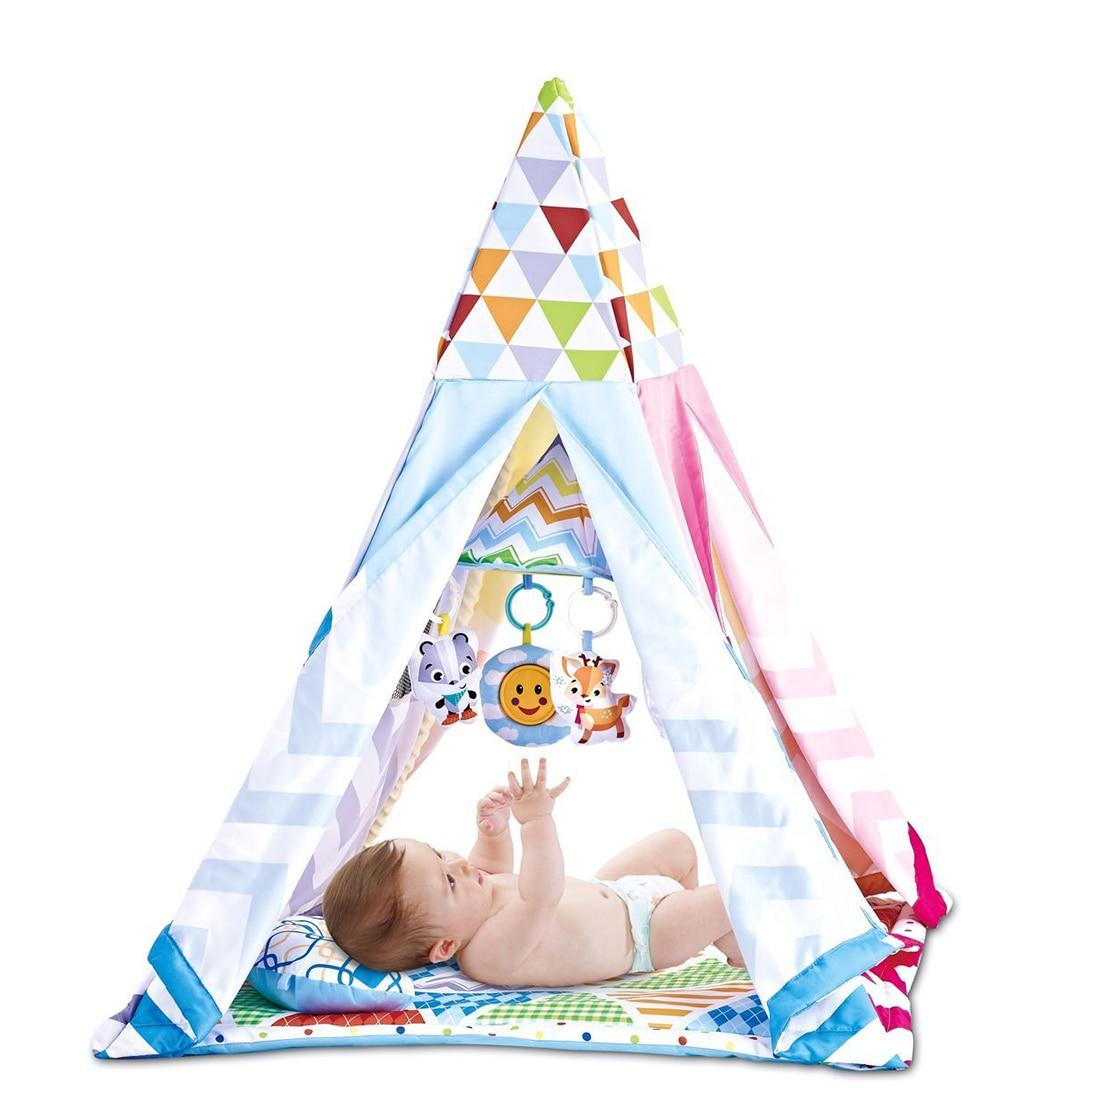 Детский коврик для ползания, Игровая палатка, коврик для ползания, палатка, игрушка для игр в помещении и на открытом воздухе, вигвам 8728